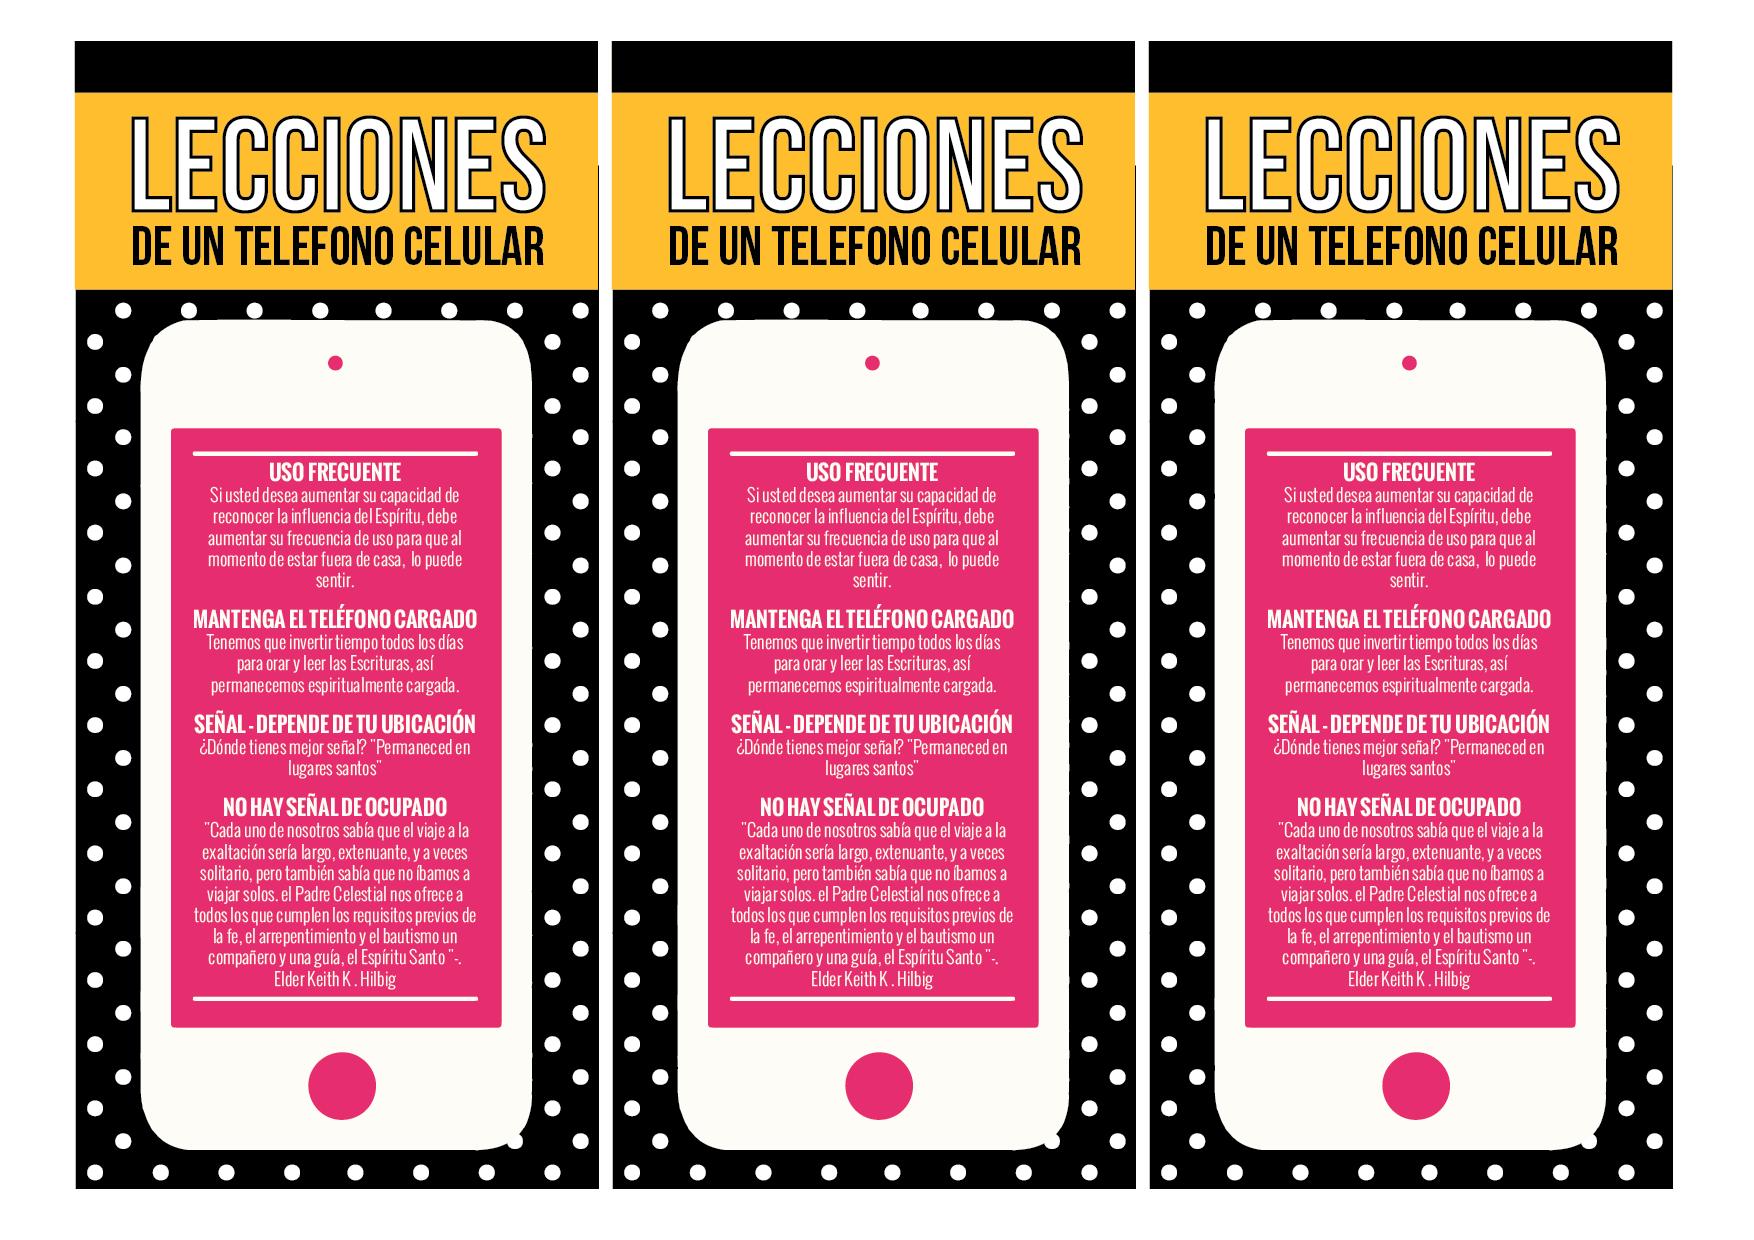 Lecciones de un Telefono Celular - Conexion SUD